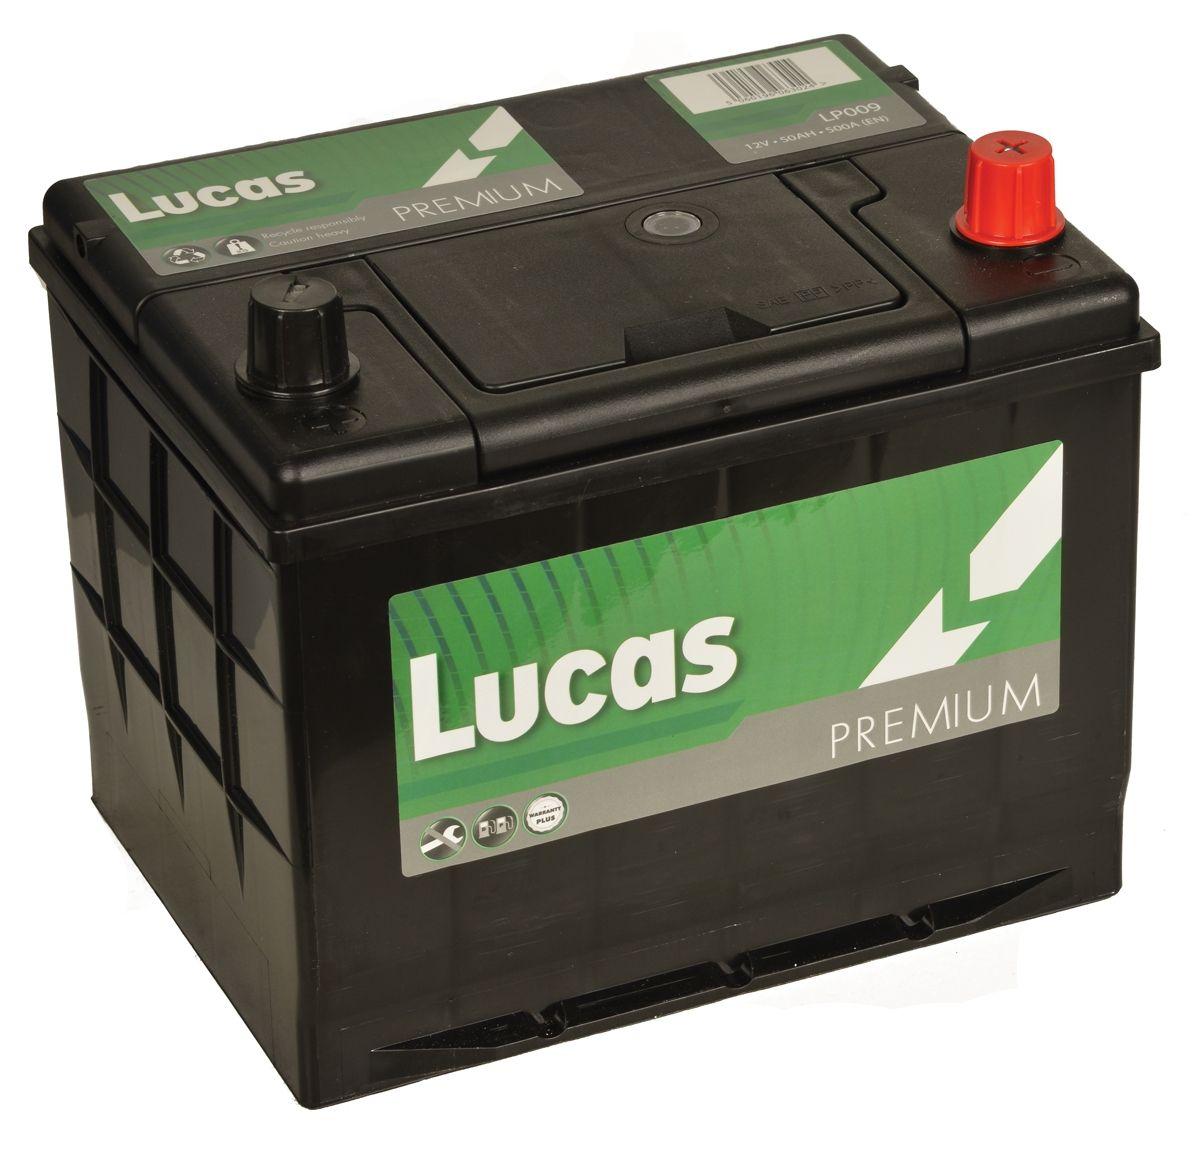 LP009 Lucas Premium Batterie De Voiture 12V 50Ah